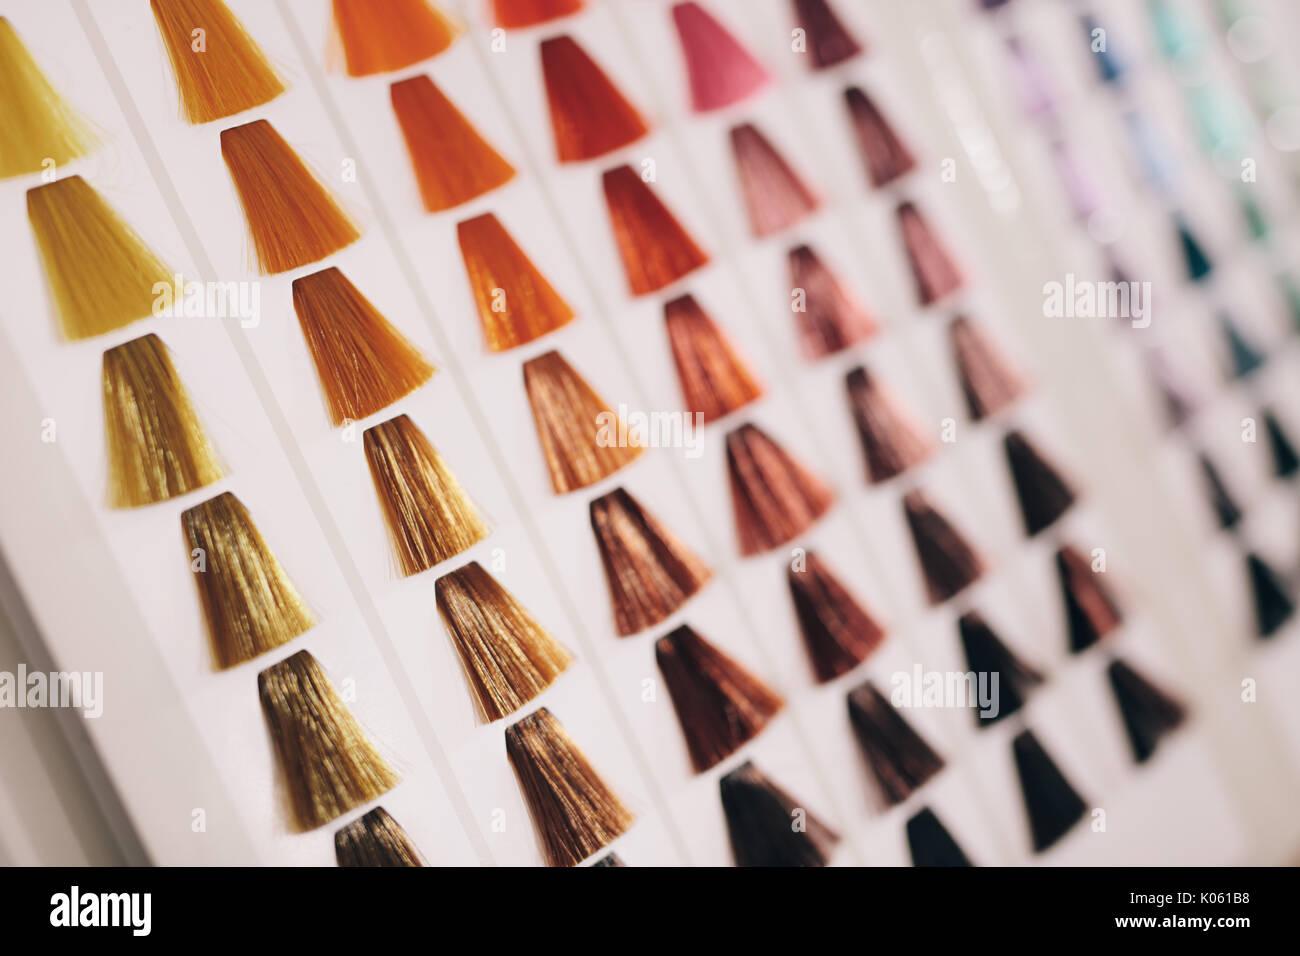 Libre d'échantillons de cheveux avec différentes nuances de couleurs sur une carte. Couleur de cheveux choix graphique sur l'affichage à salon de coiffure. Photo Stock